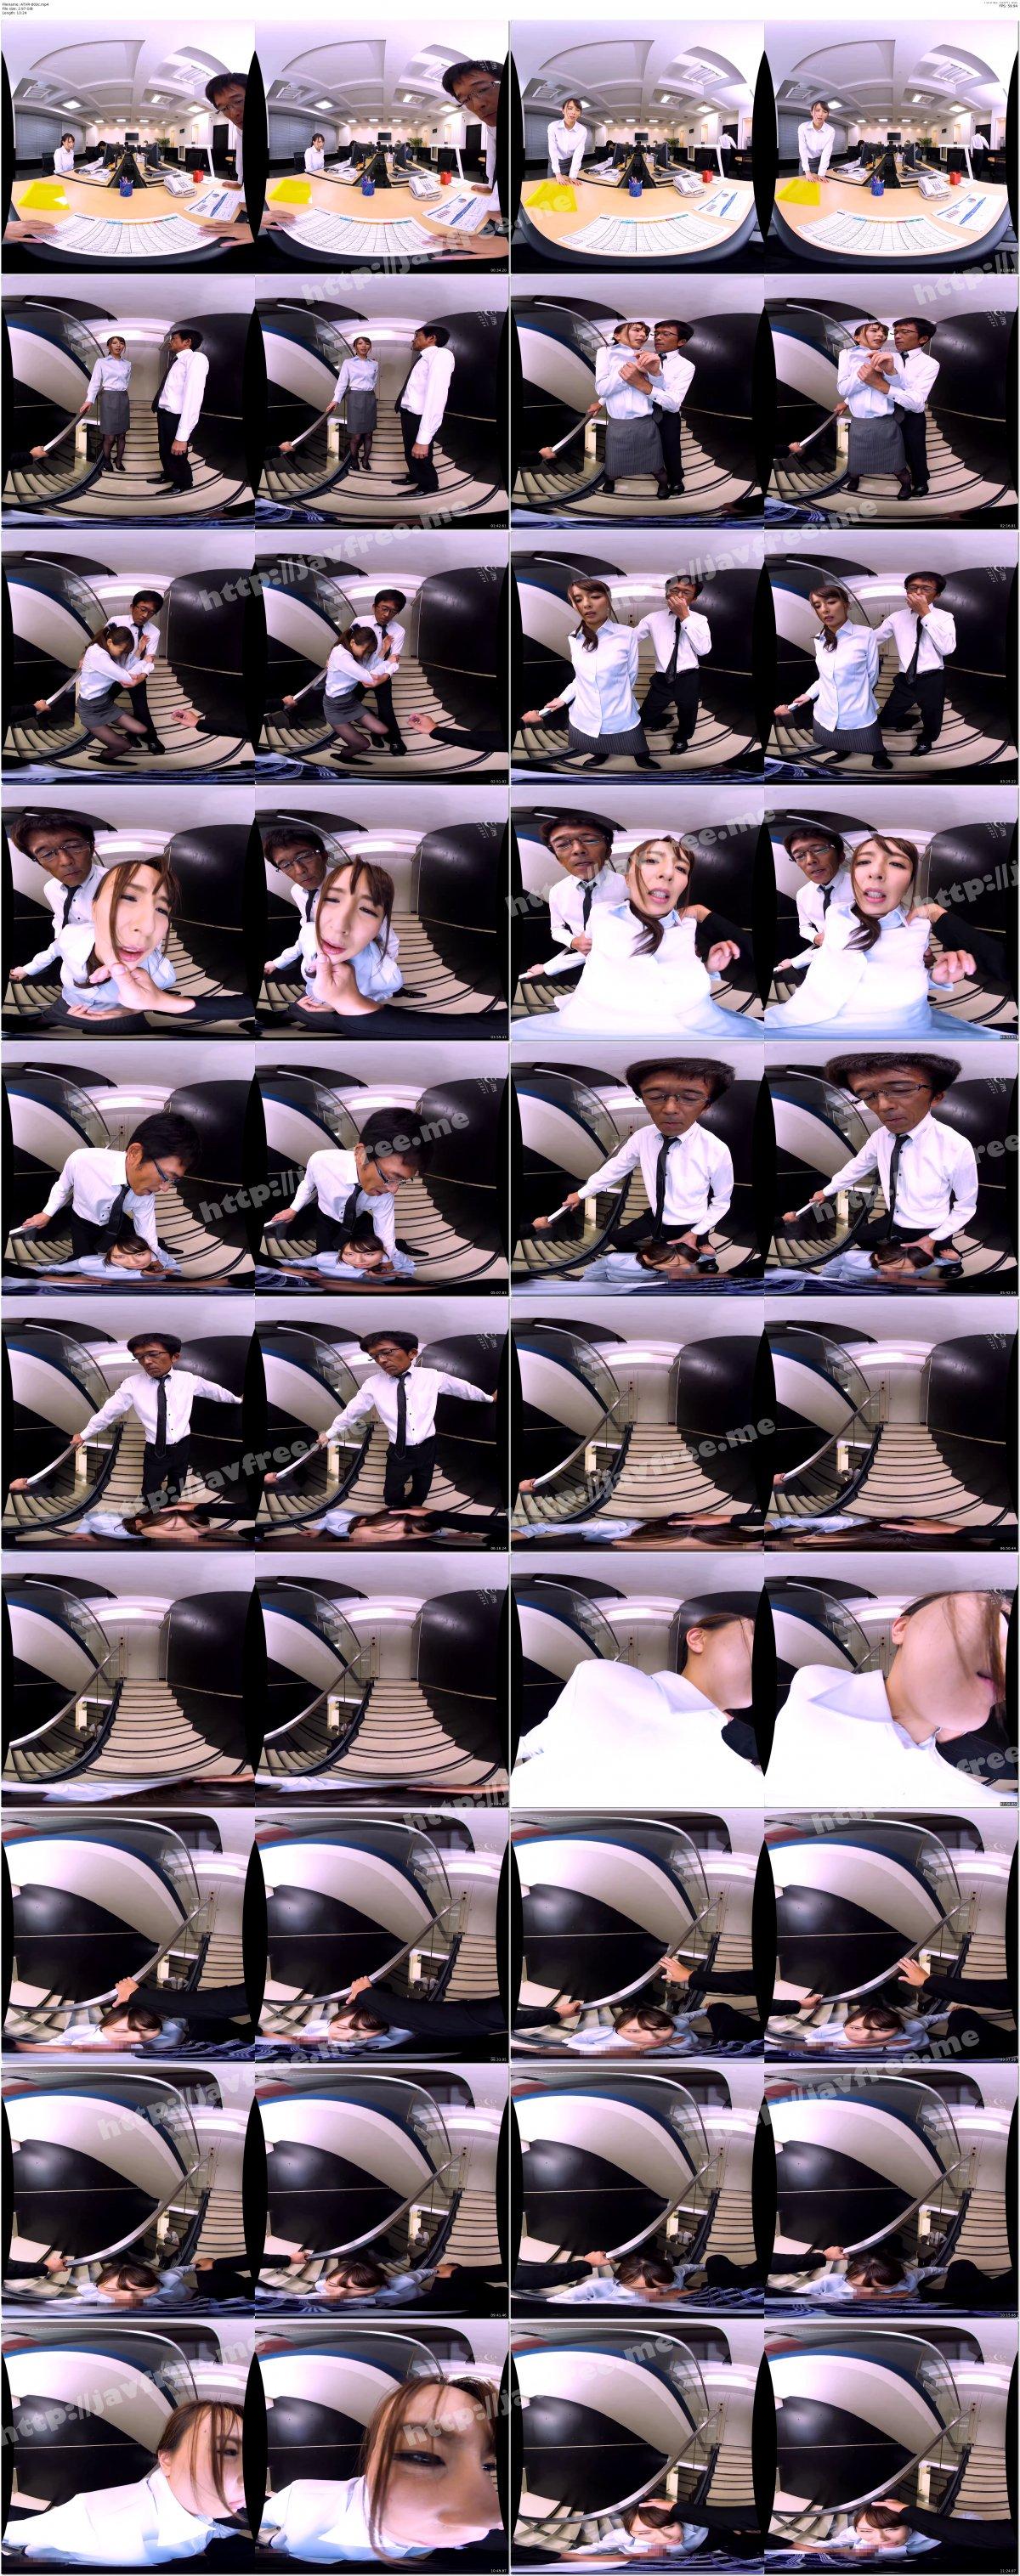 [ATVR-003] 【VR】絶対に声を出してはいけない状況が癖になる!「臨場感」と「スリル」で社内一の美人OLを犯して堕とす! 声を出したらバレる状況で犯す! サイレントレイプVR 希崎ジェシカ - image ATVR-003c on https://javfree.me